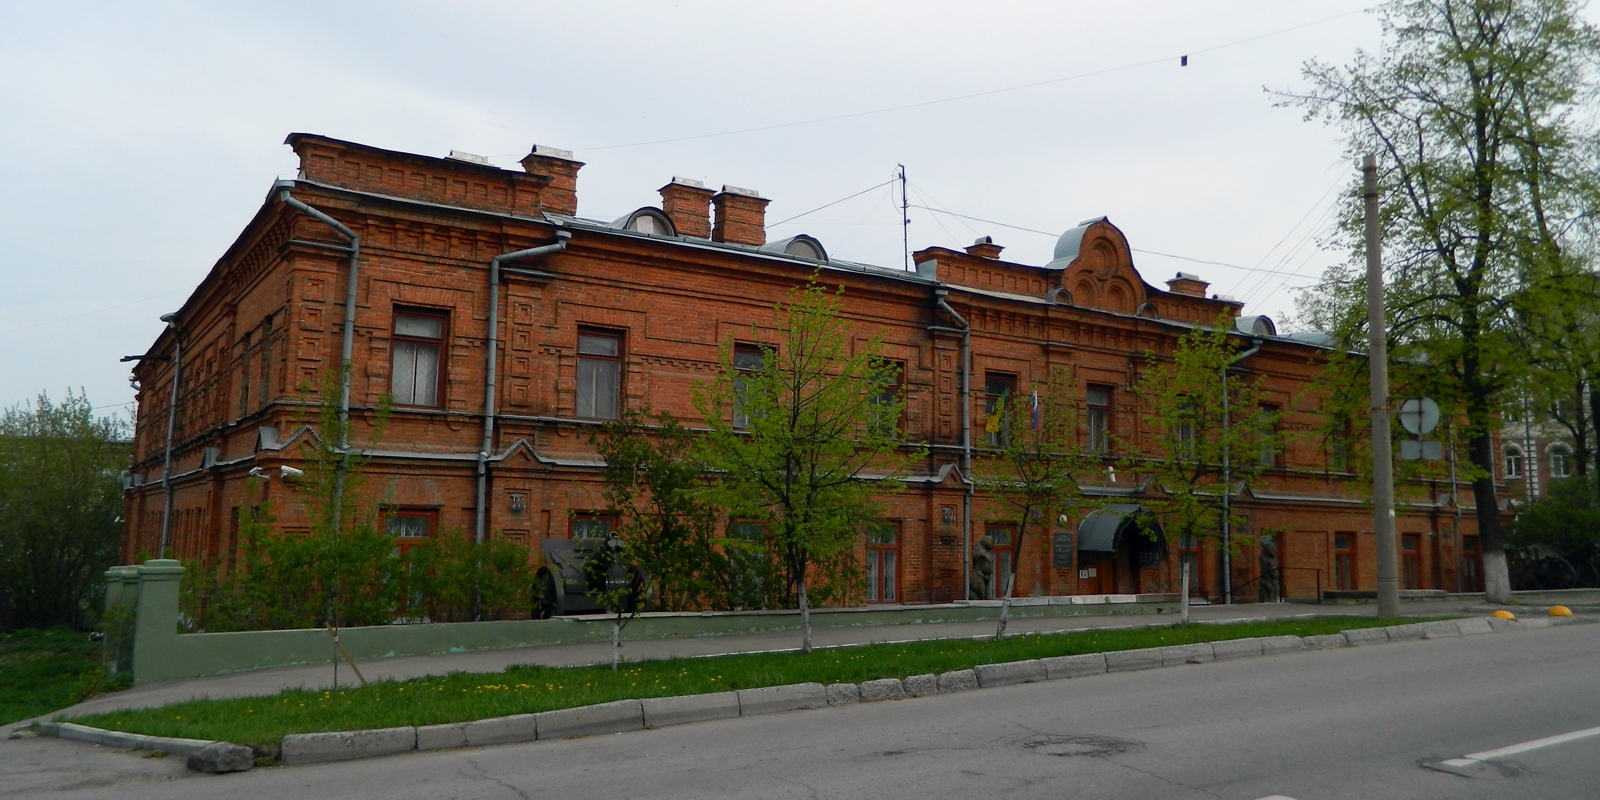 Файл:Пензенский государственный краеведческий музей.jpg — Википедия